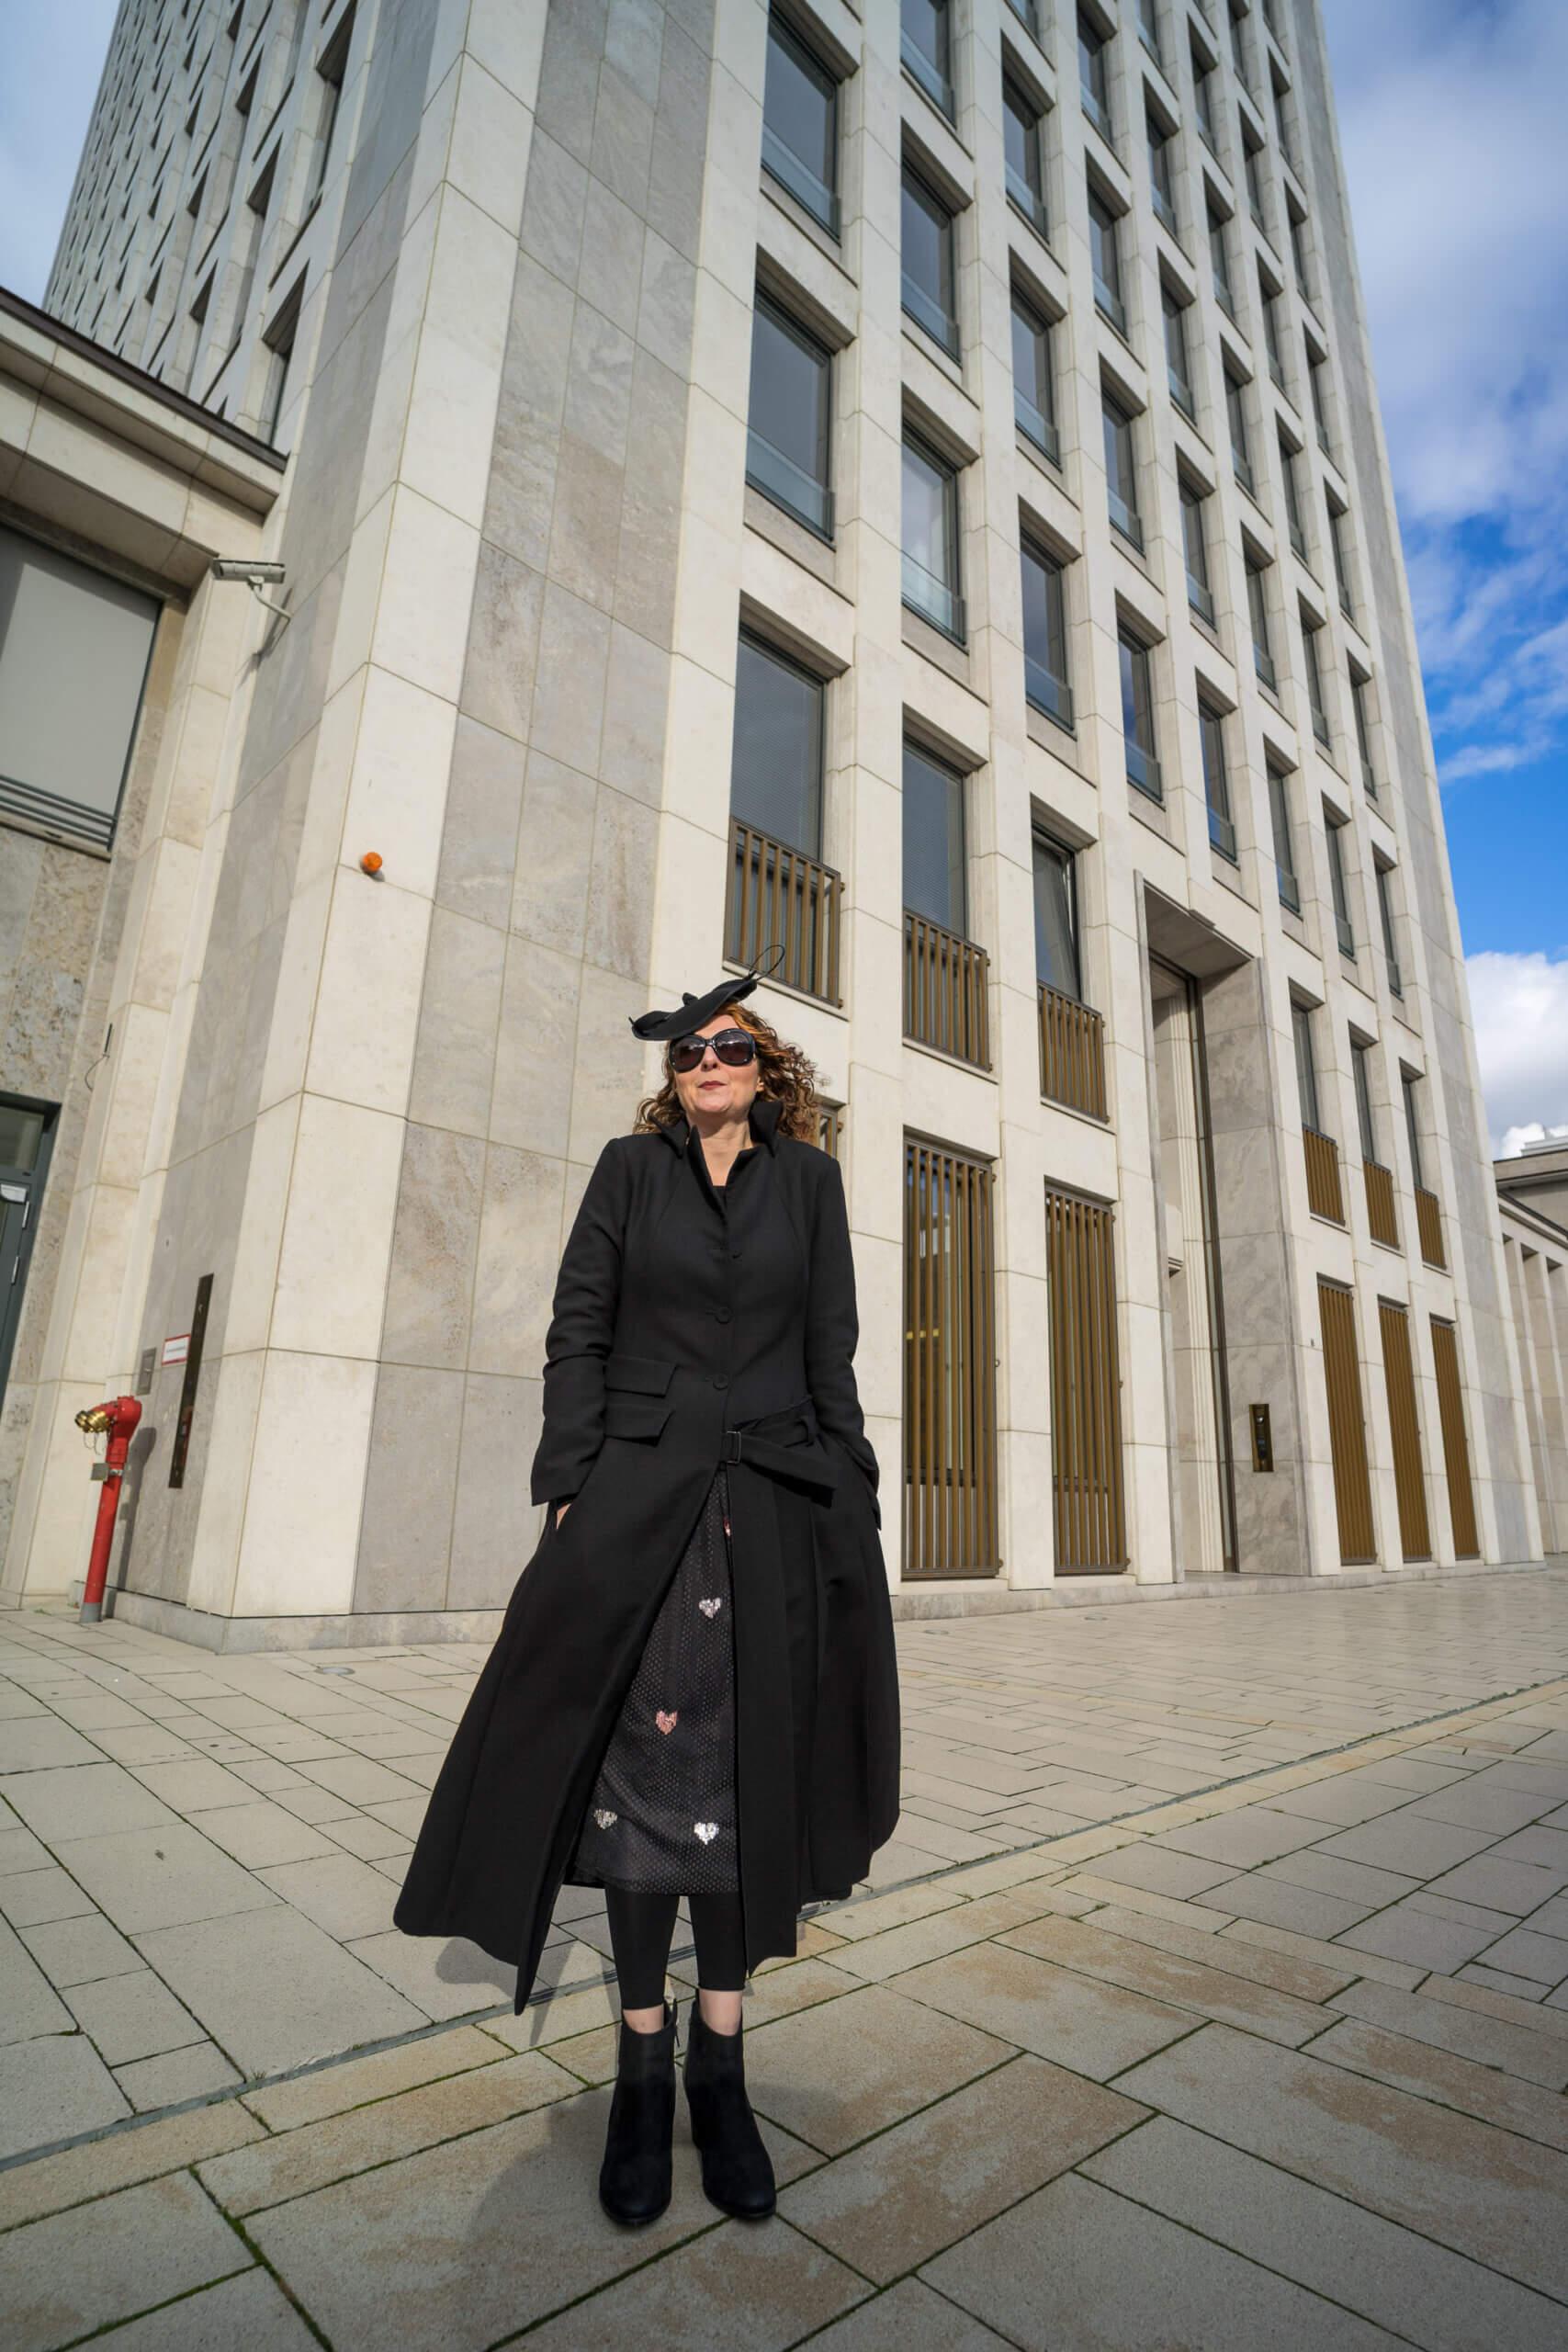 Ü50 Modebloggerin - wie trägt man eigentlich Tüllröcke?